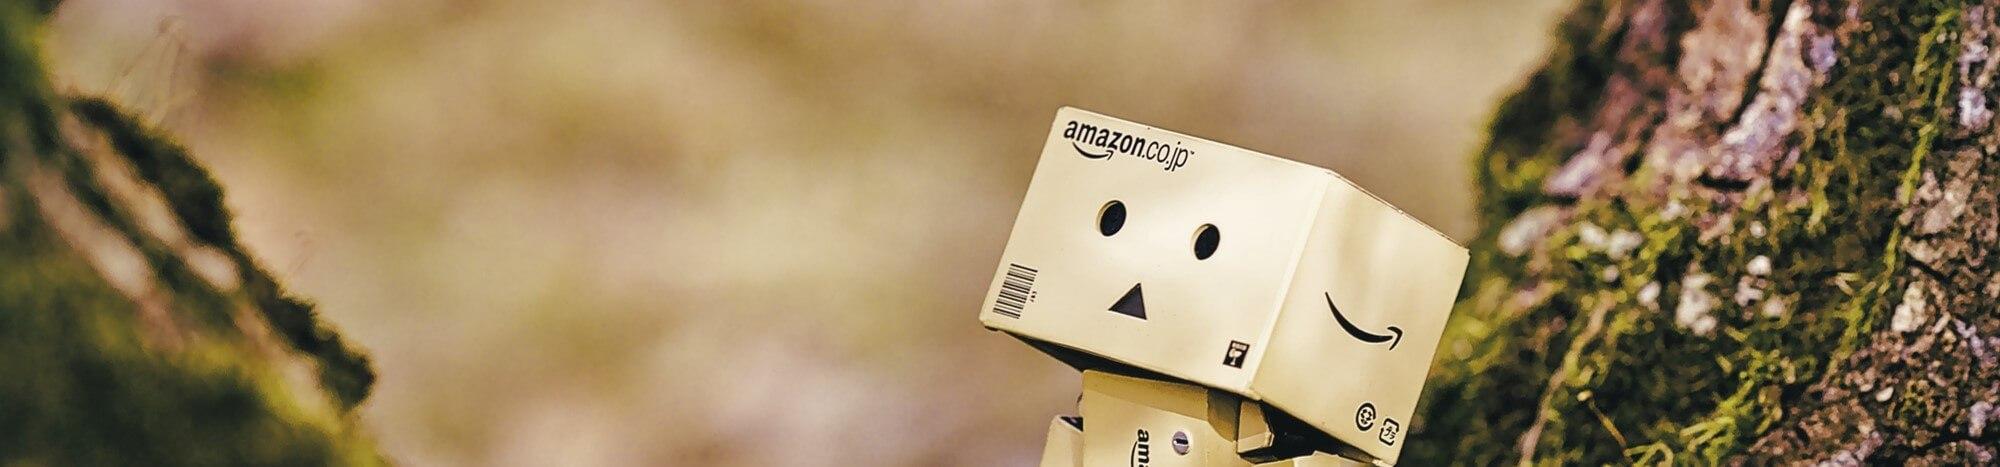 Amazon Ads : Quels formats publicitaires pour vos objectifs ? – Partie 1